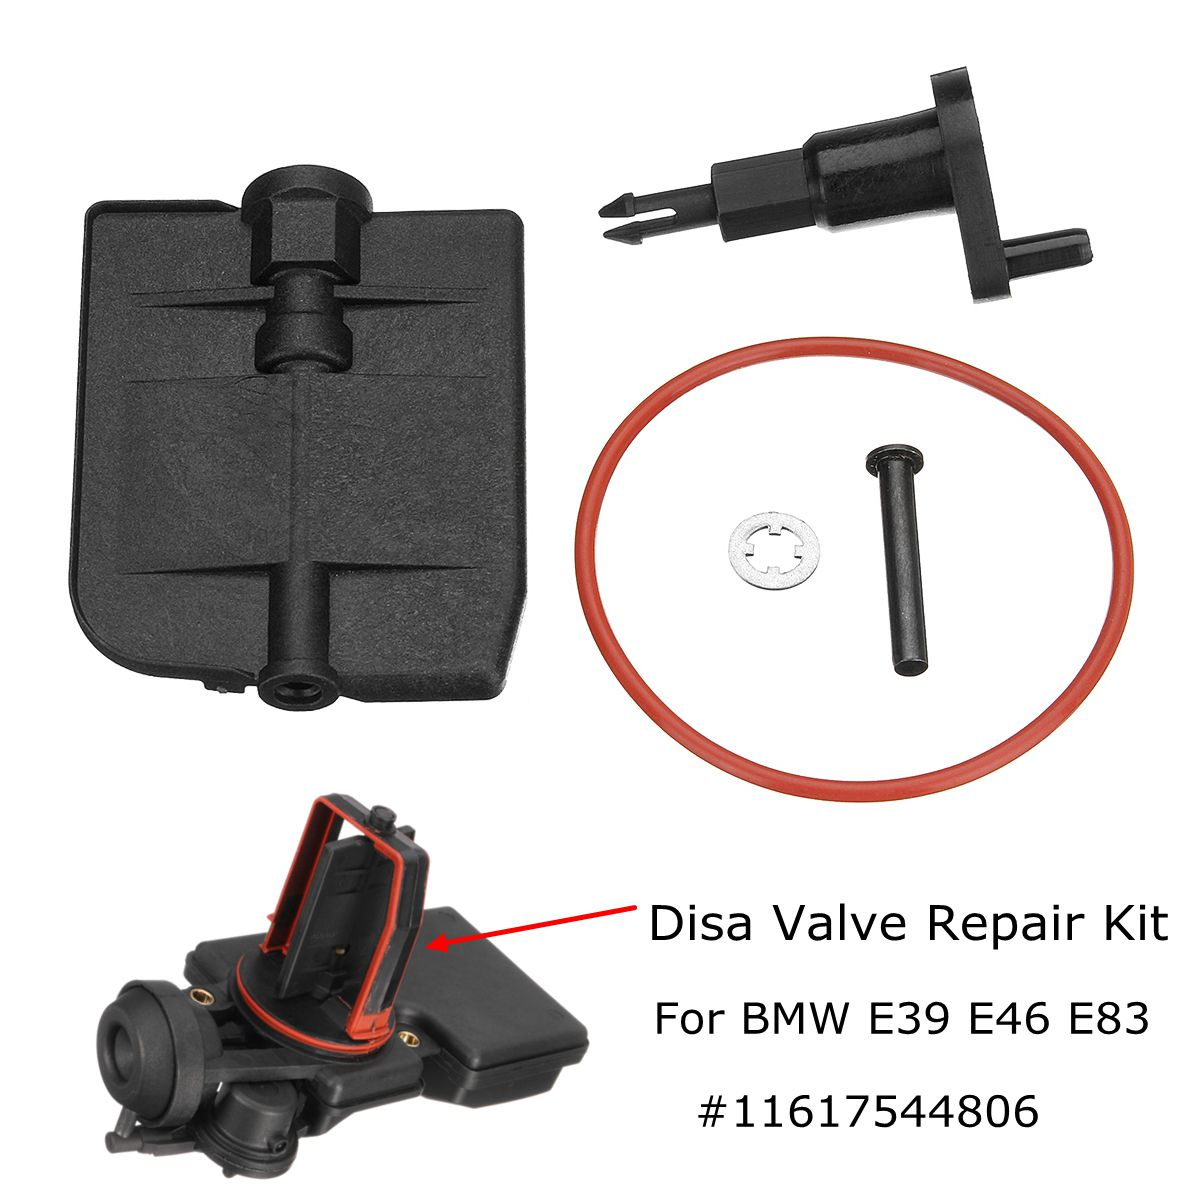 צריכת סעפת DISA שסתום ערכת תיקון 11617544806 עבור BMW E39 E46 E83 325i 525i M54 2.5 2001-2006